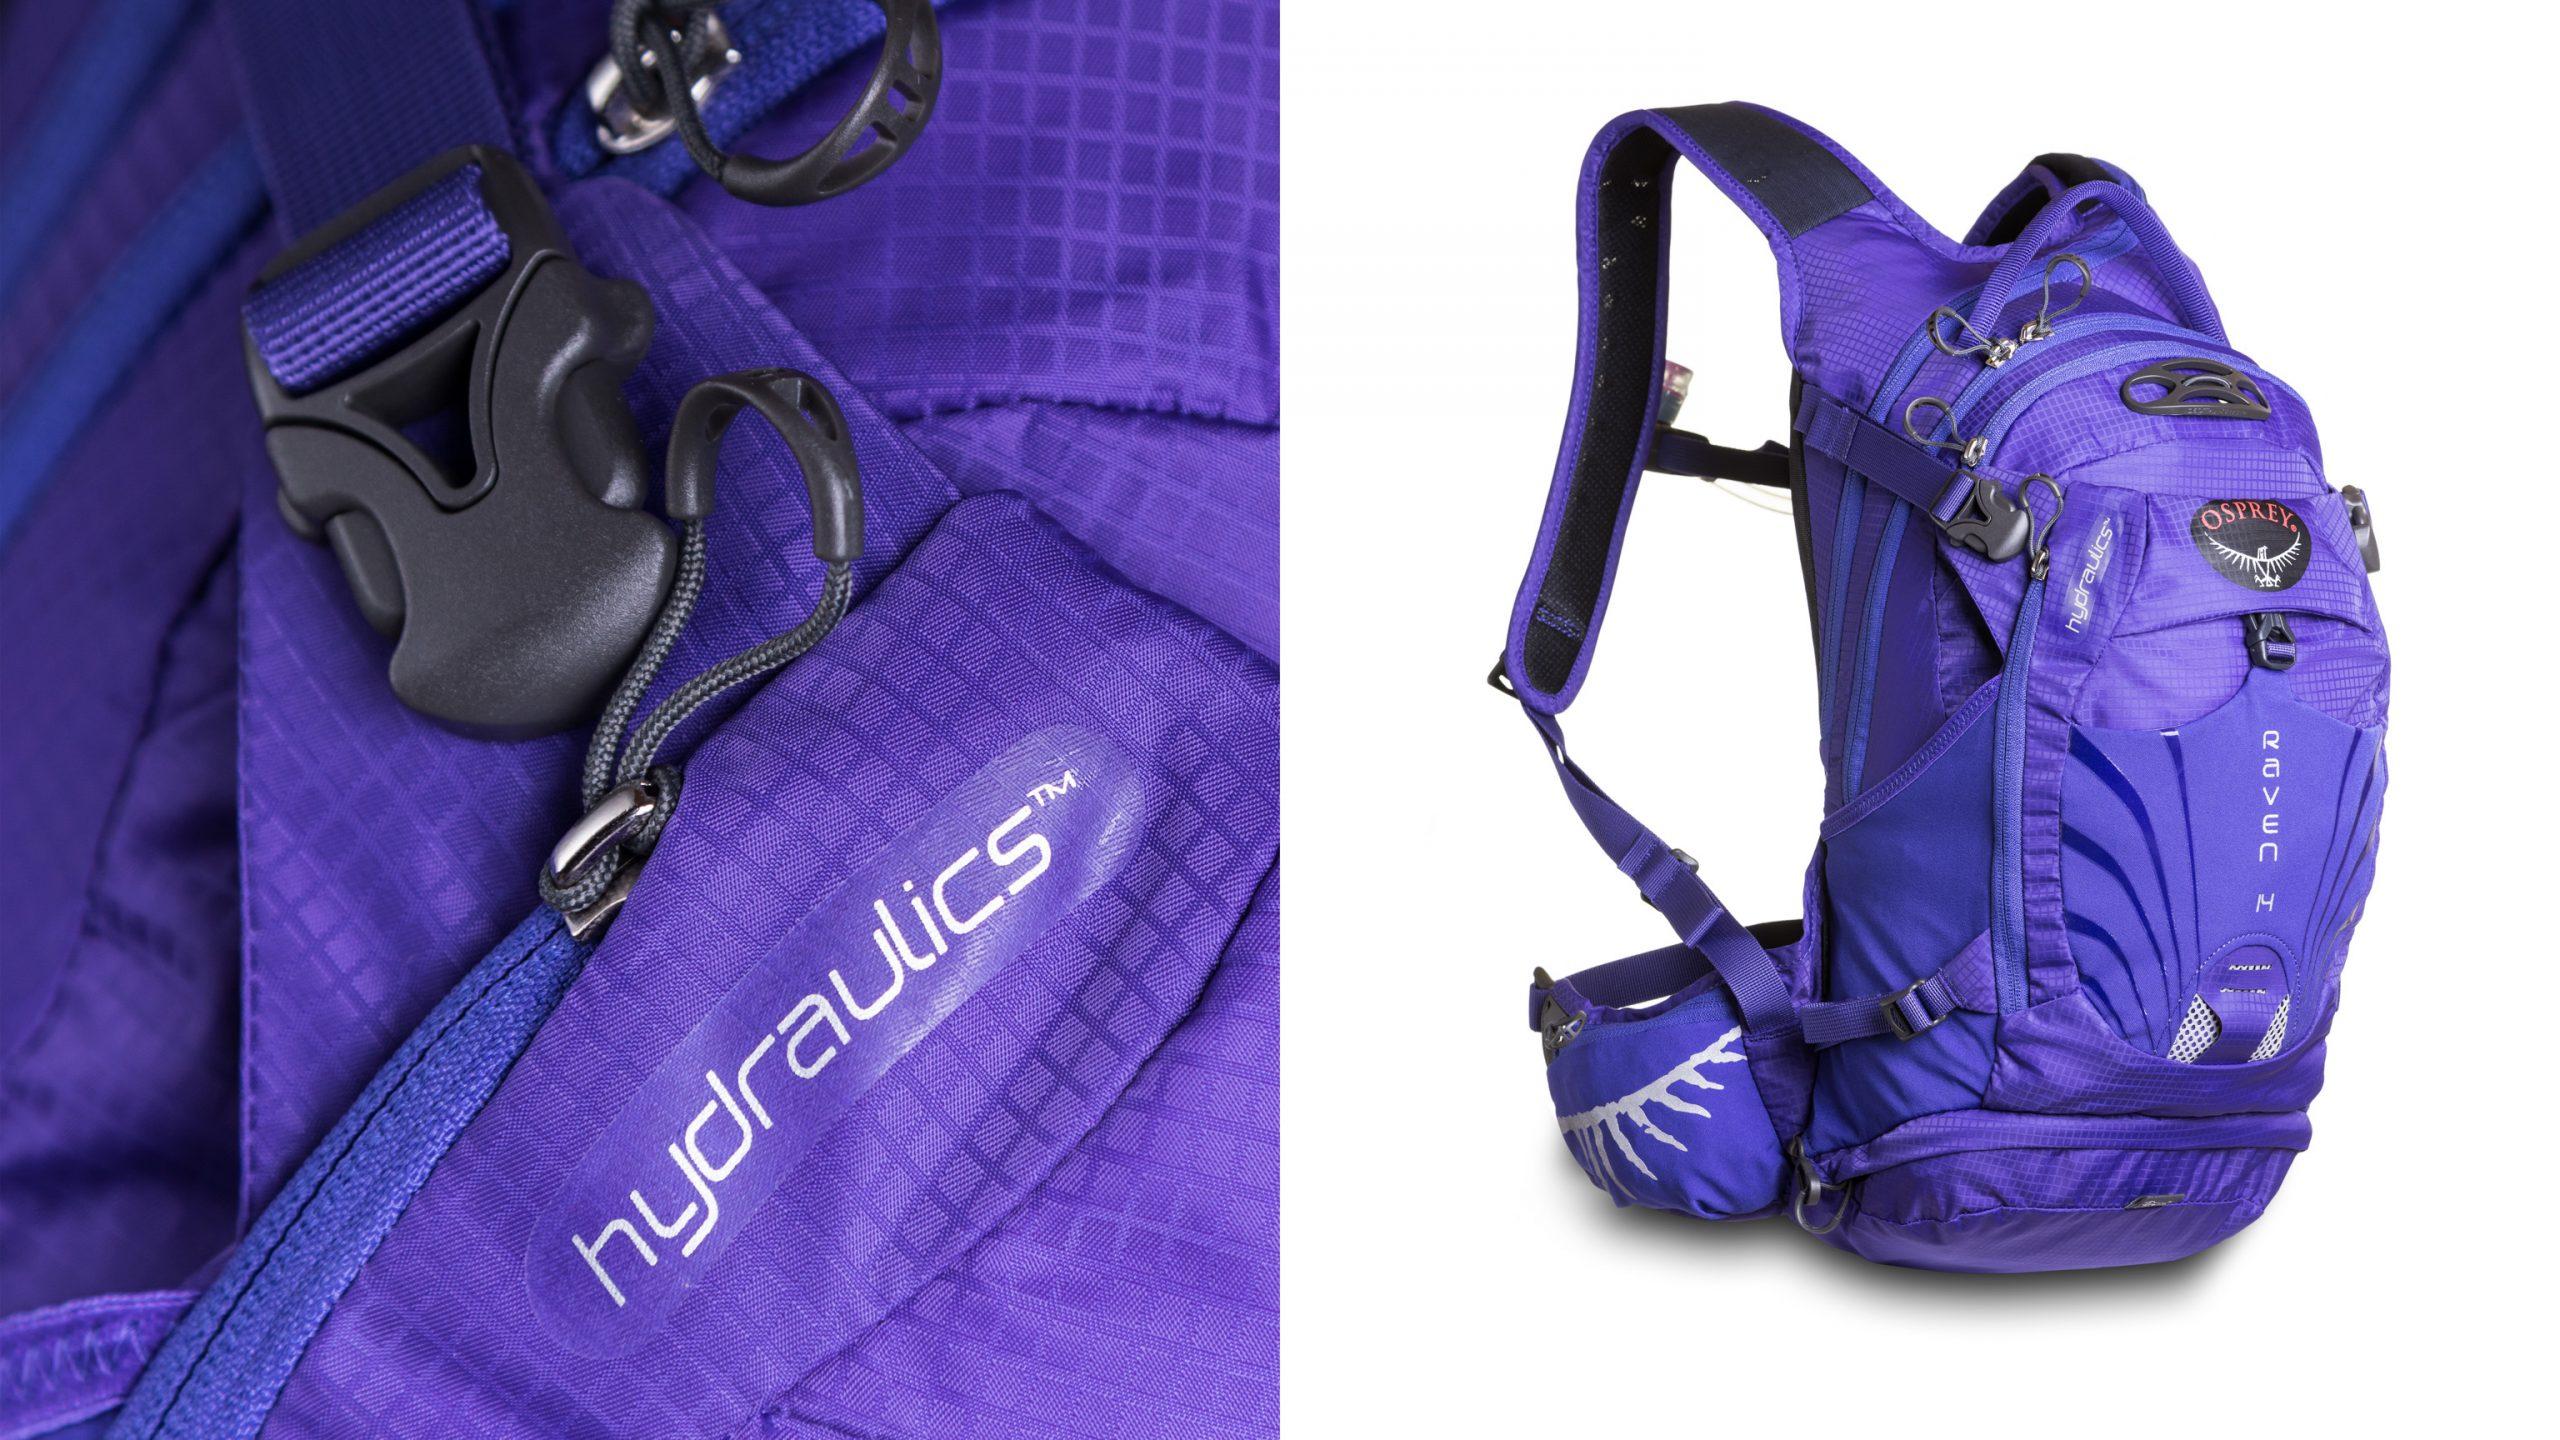 Produktphoto Osprey Backpacks Rucksack Raven 14 Hydraulics TM und emotional Detail vor weiß